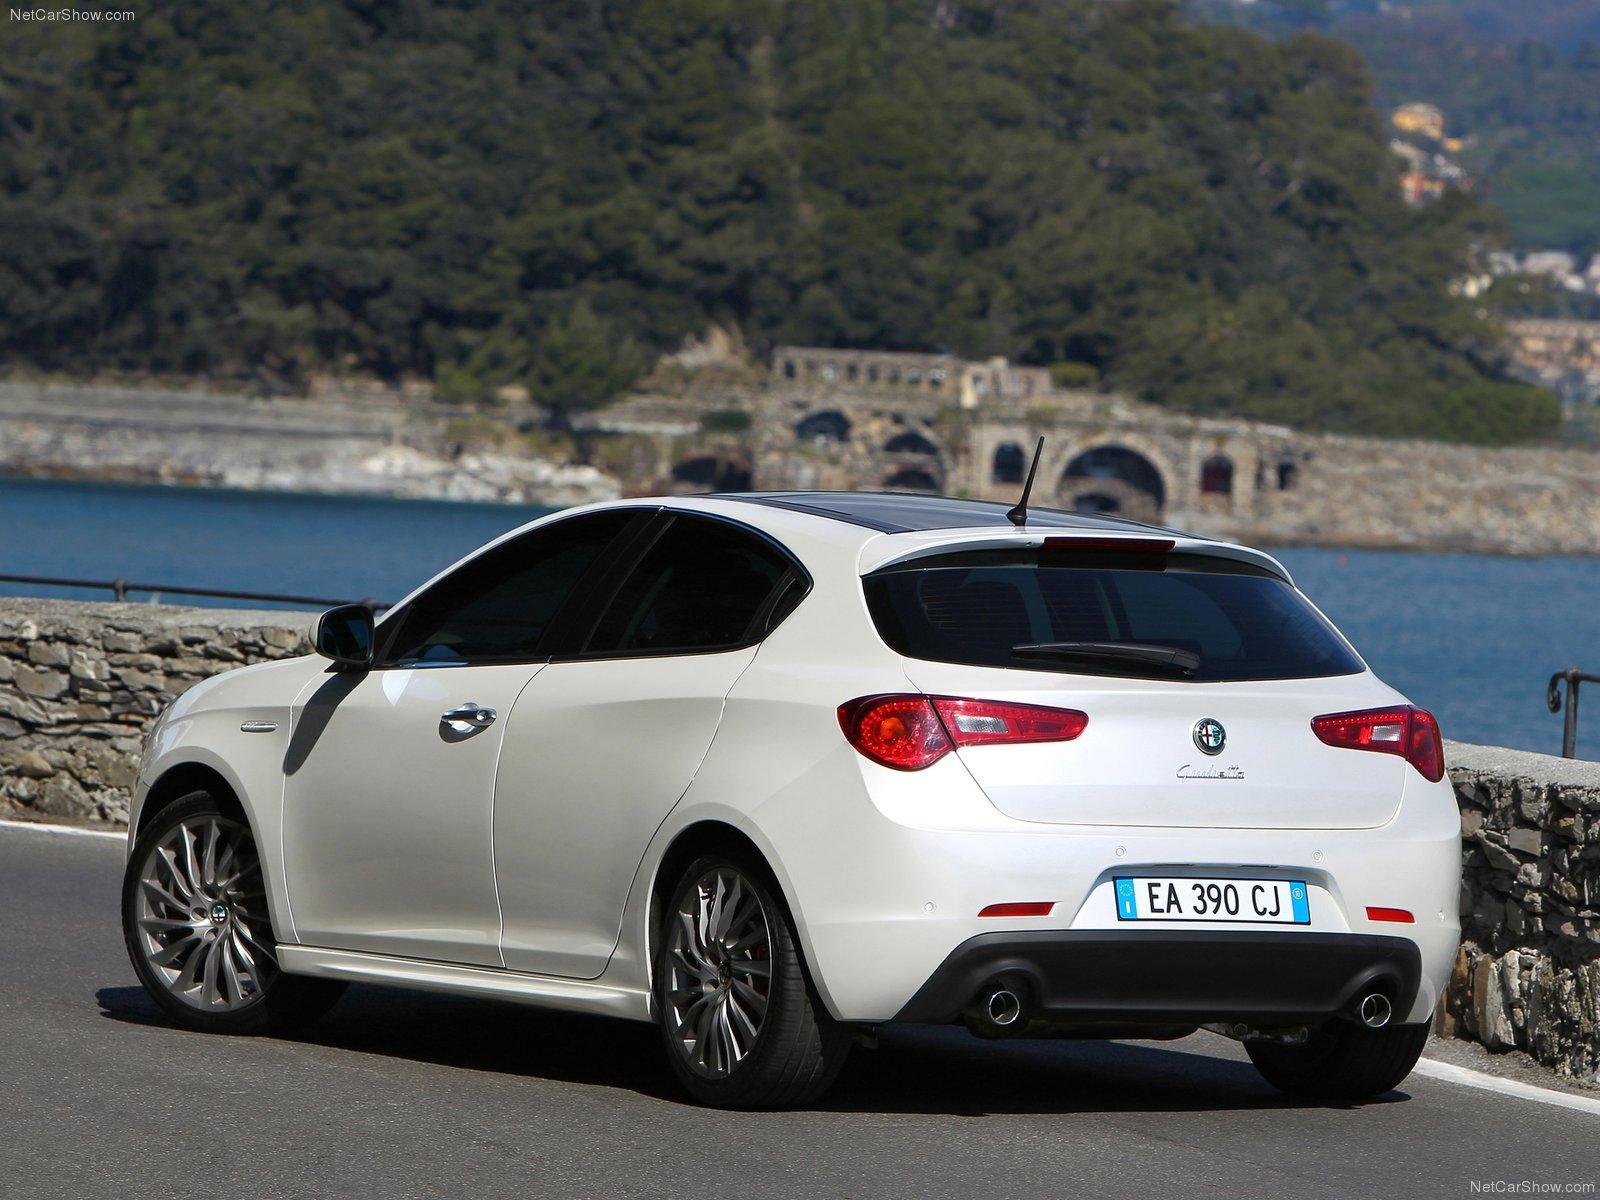 Alfa Romeo Giulietta picture